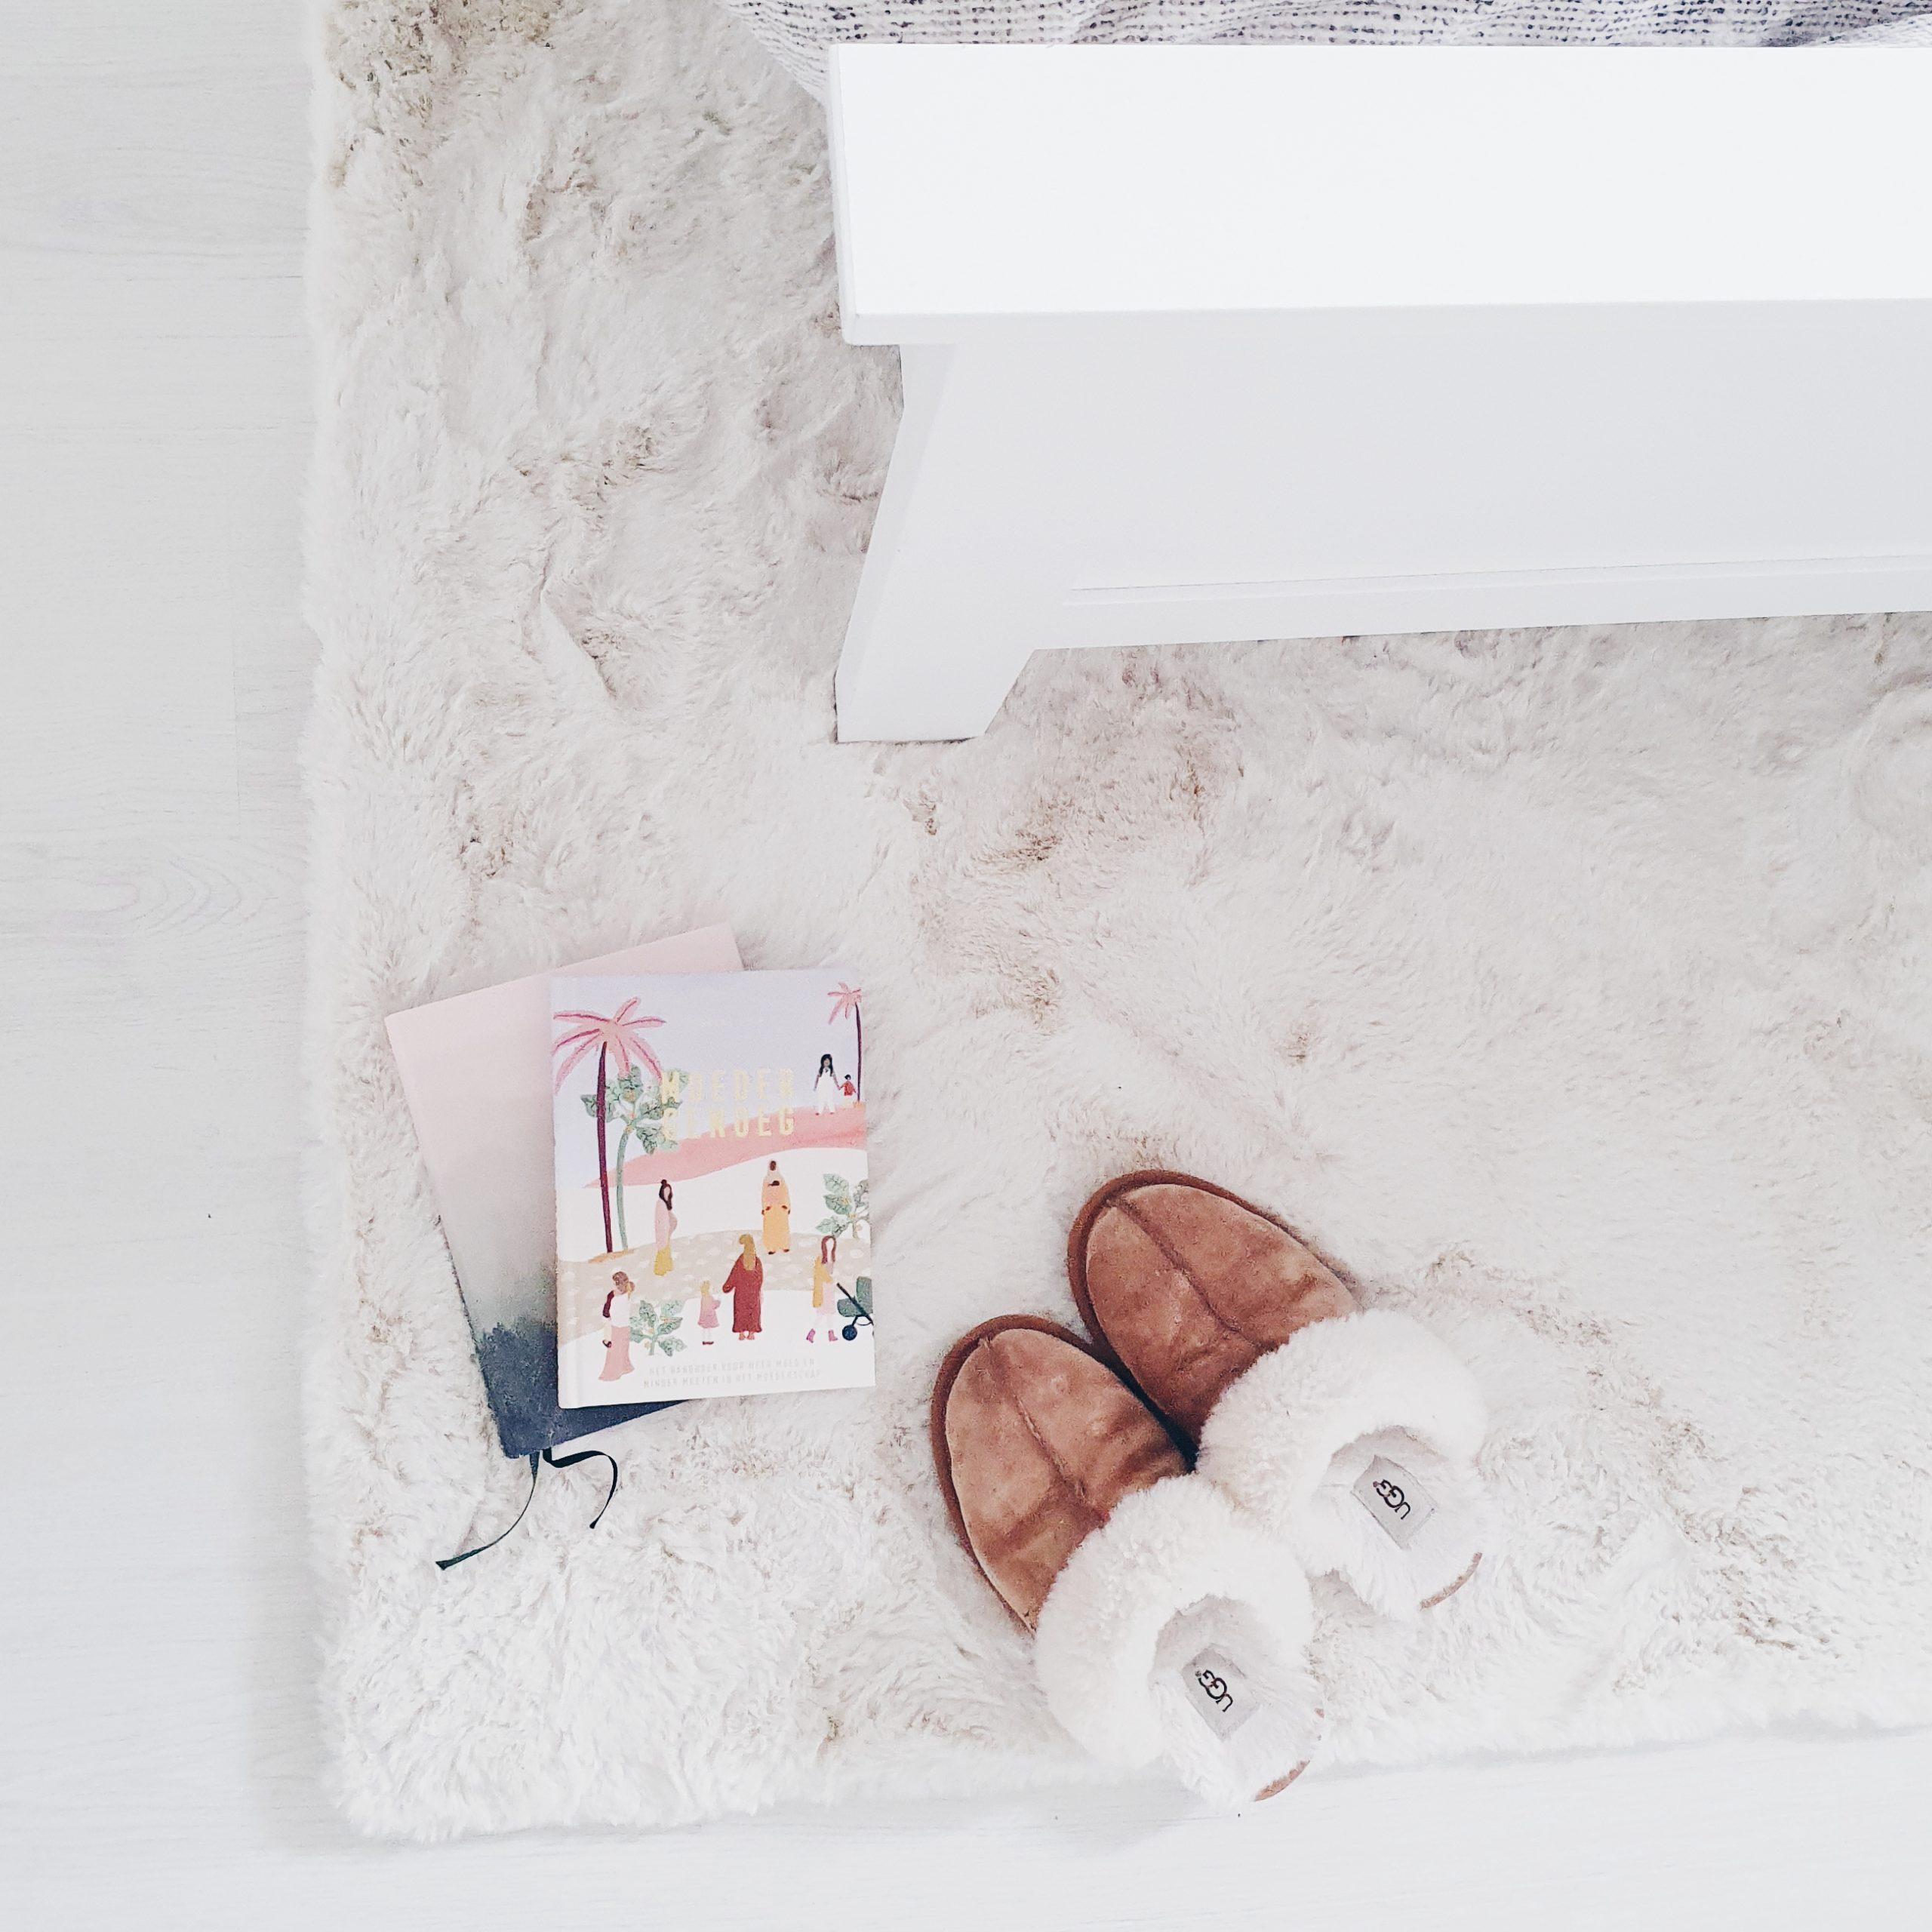 Onze mini slaapkamer make-over inclusief nieuw vloerkleed!